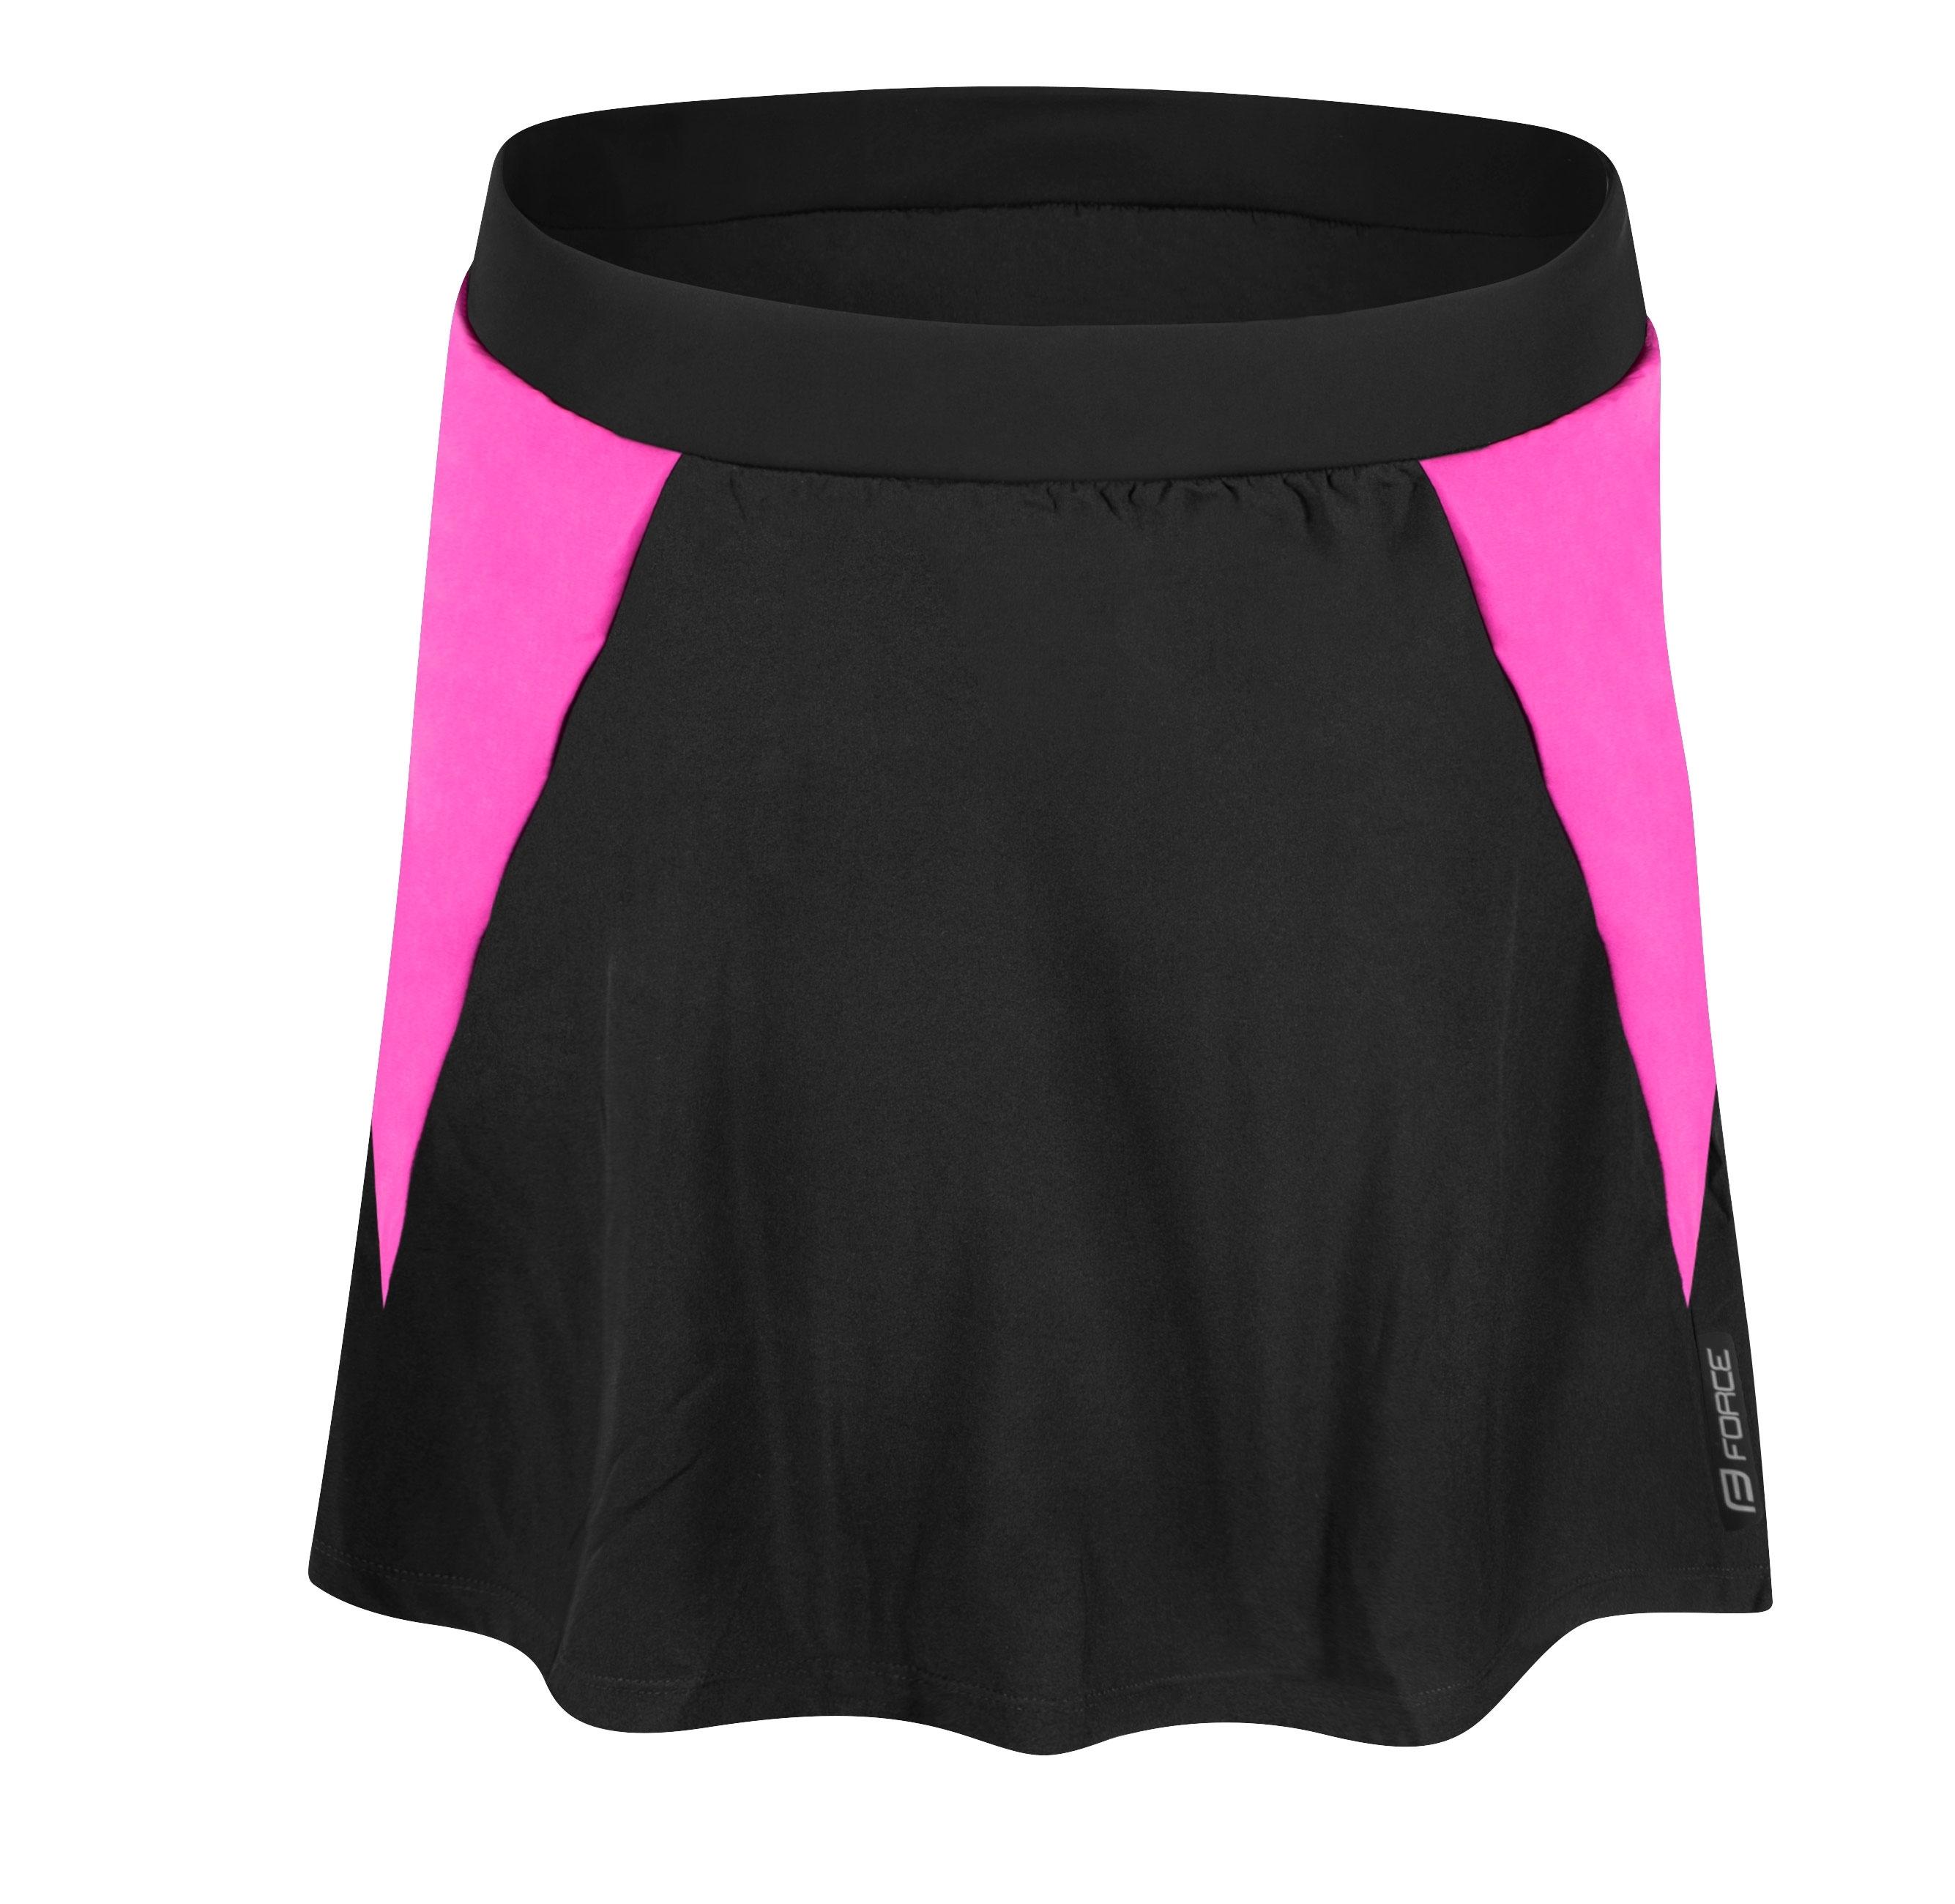 sukně FORCE DAISY s vložkou, černo-růžová S